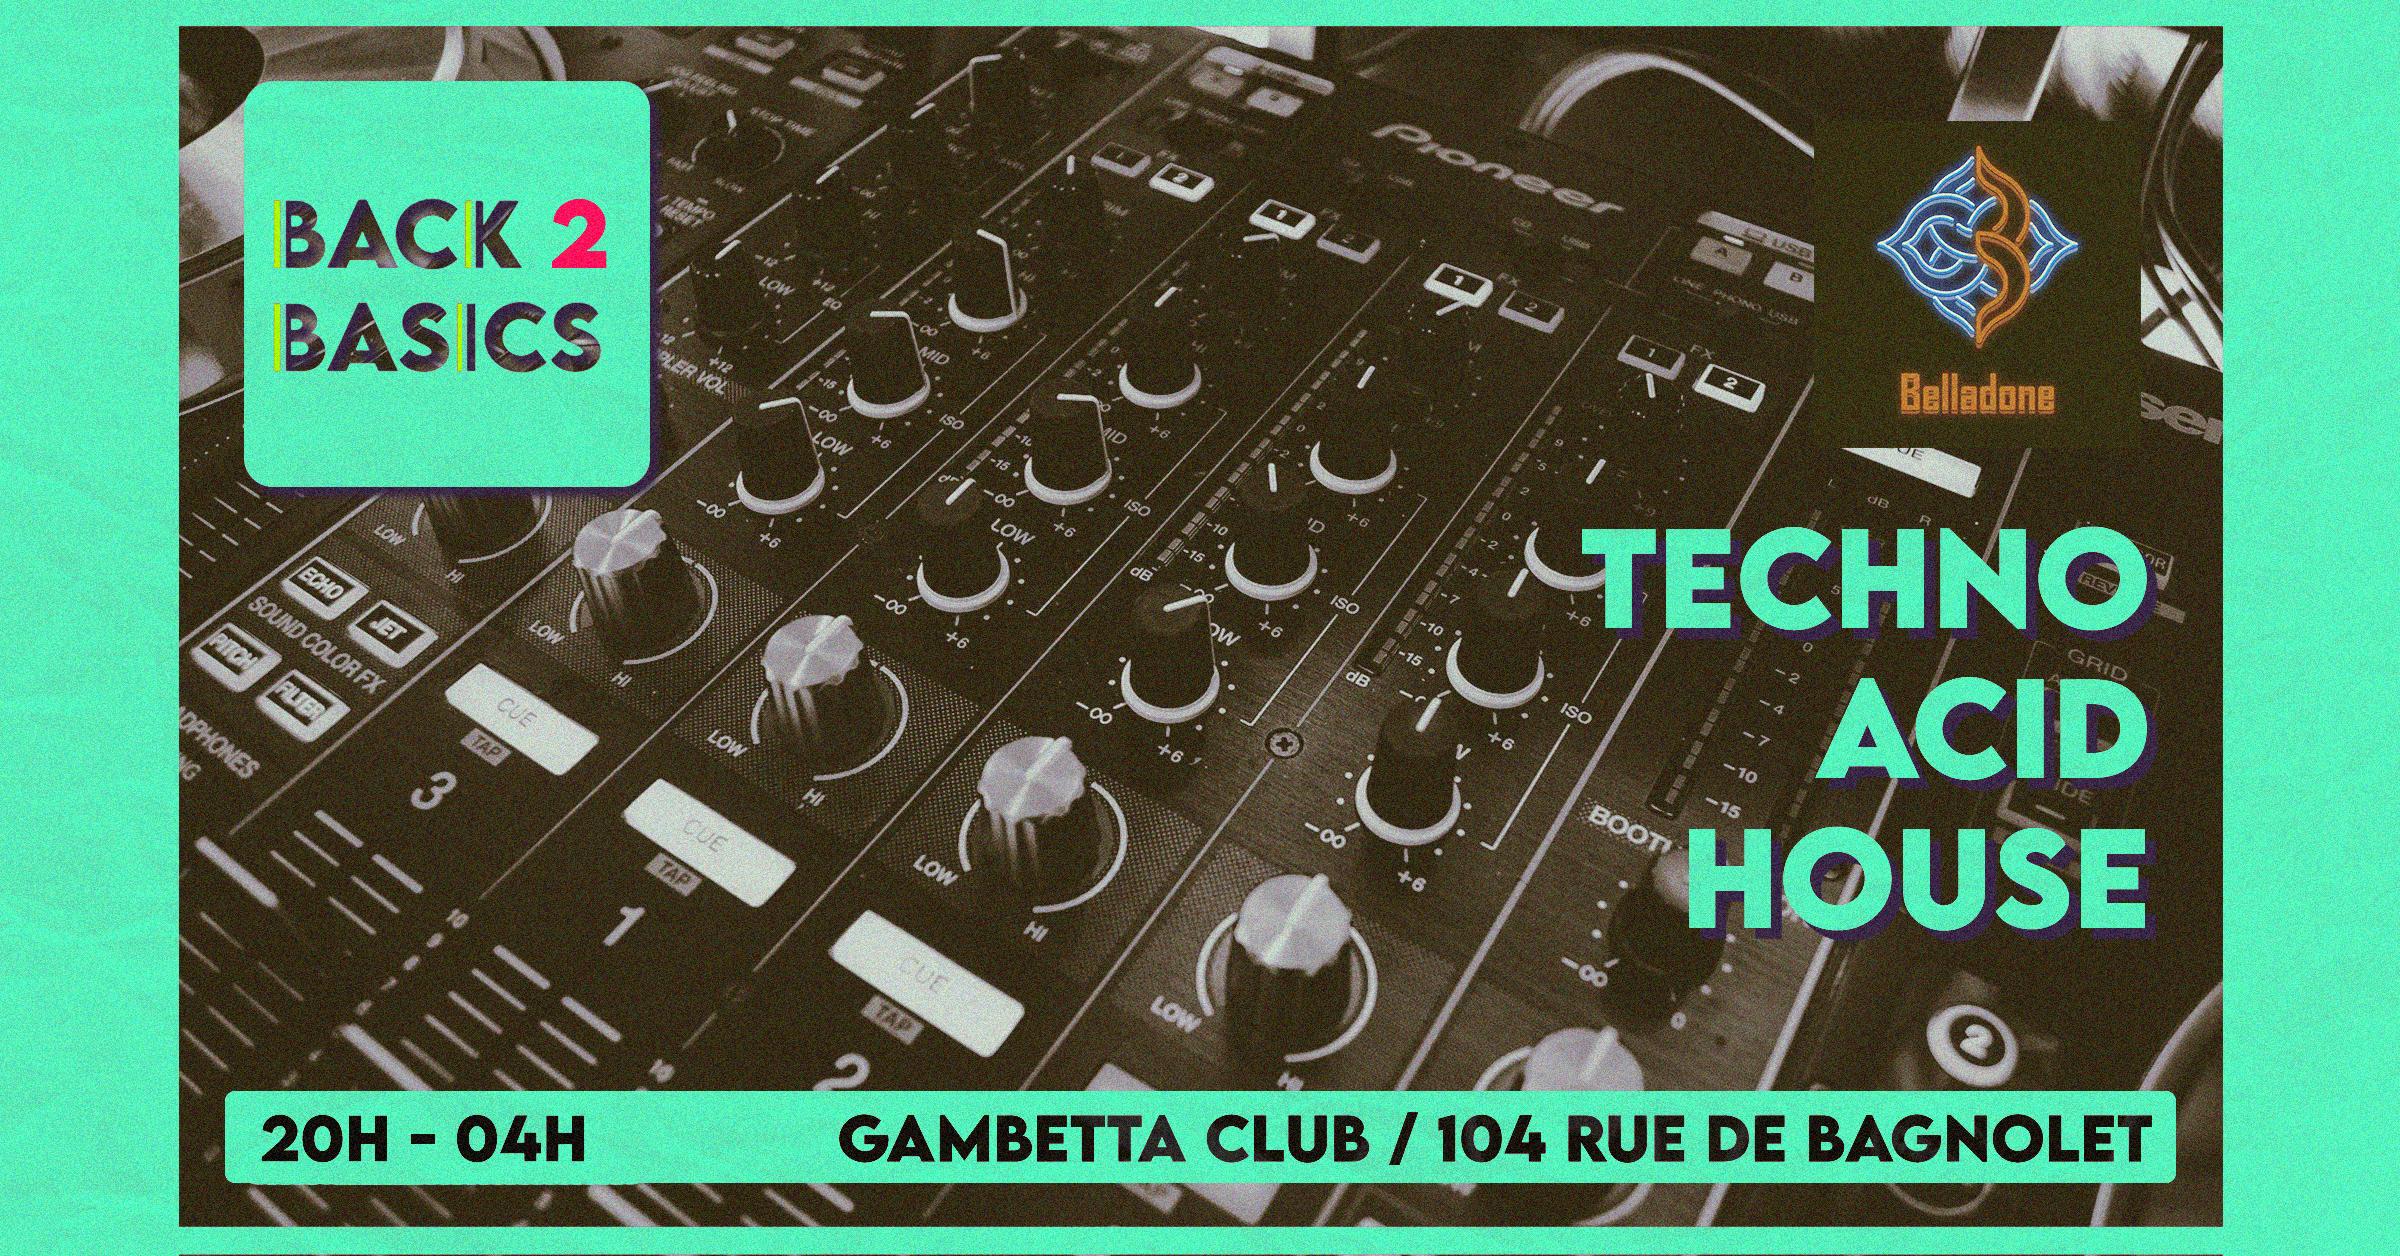 MERCREDI 21/07 - Back to Basics - Techno/Acid/House